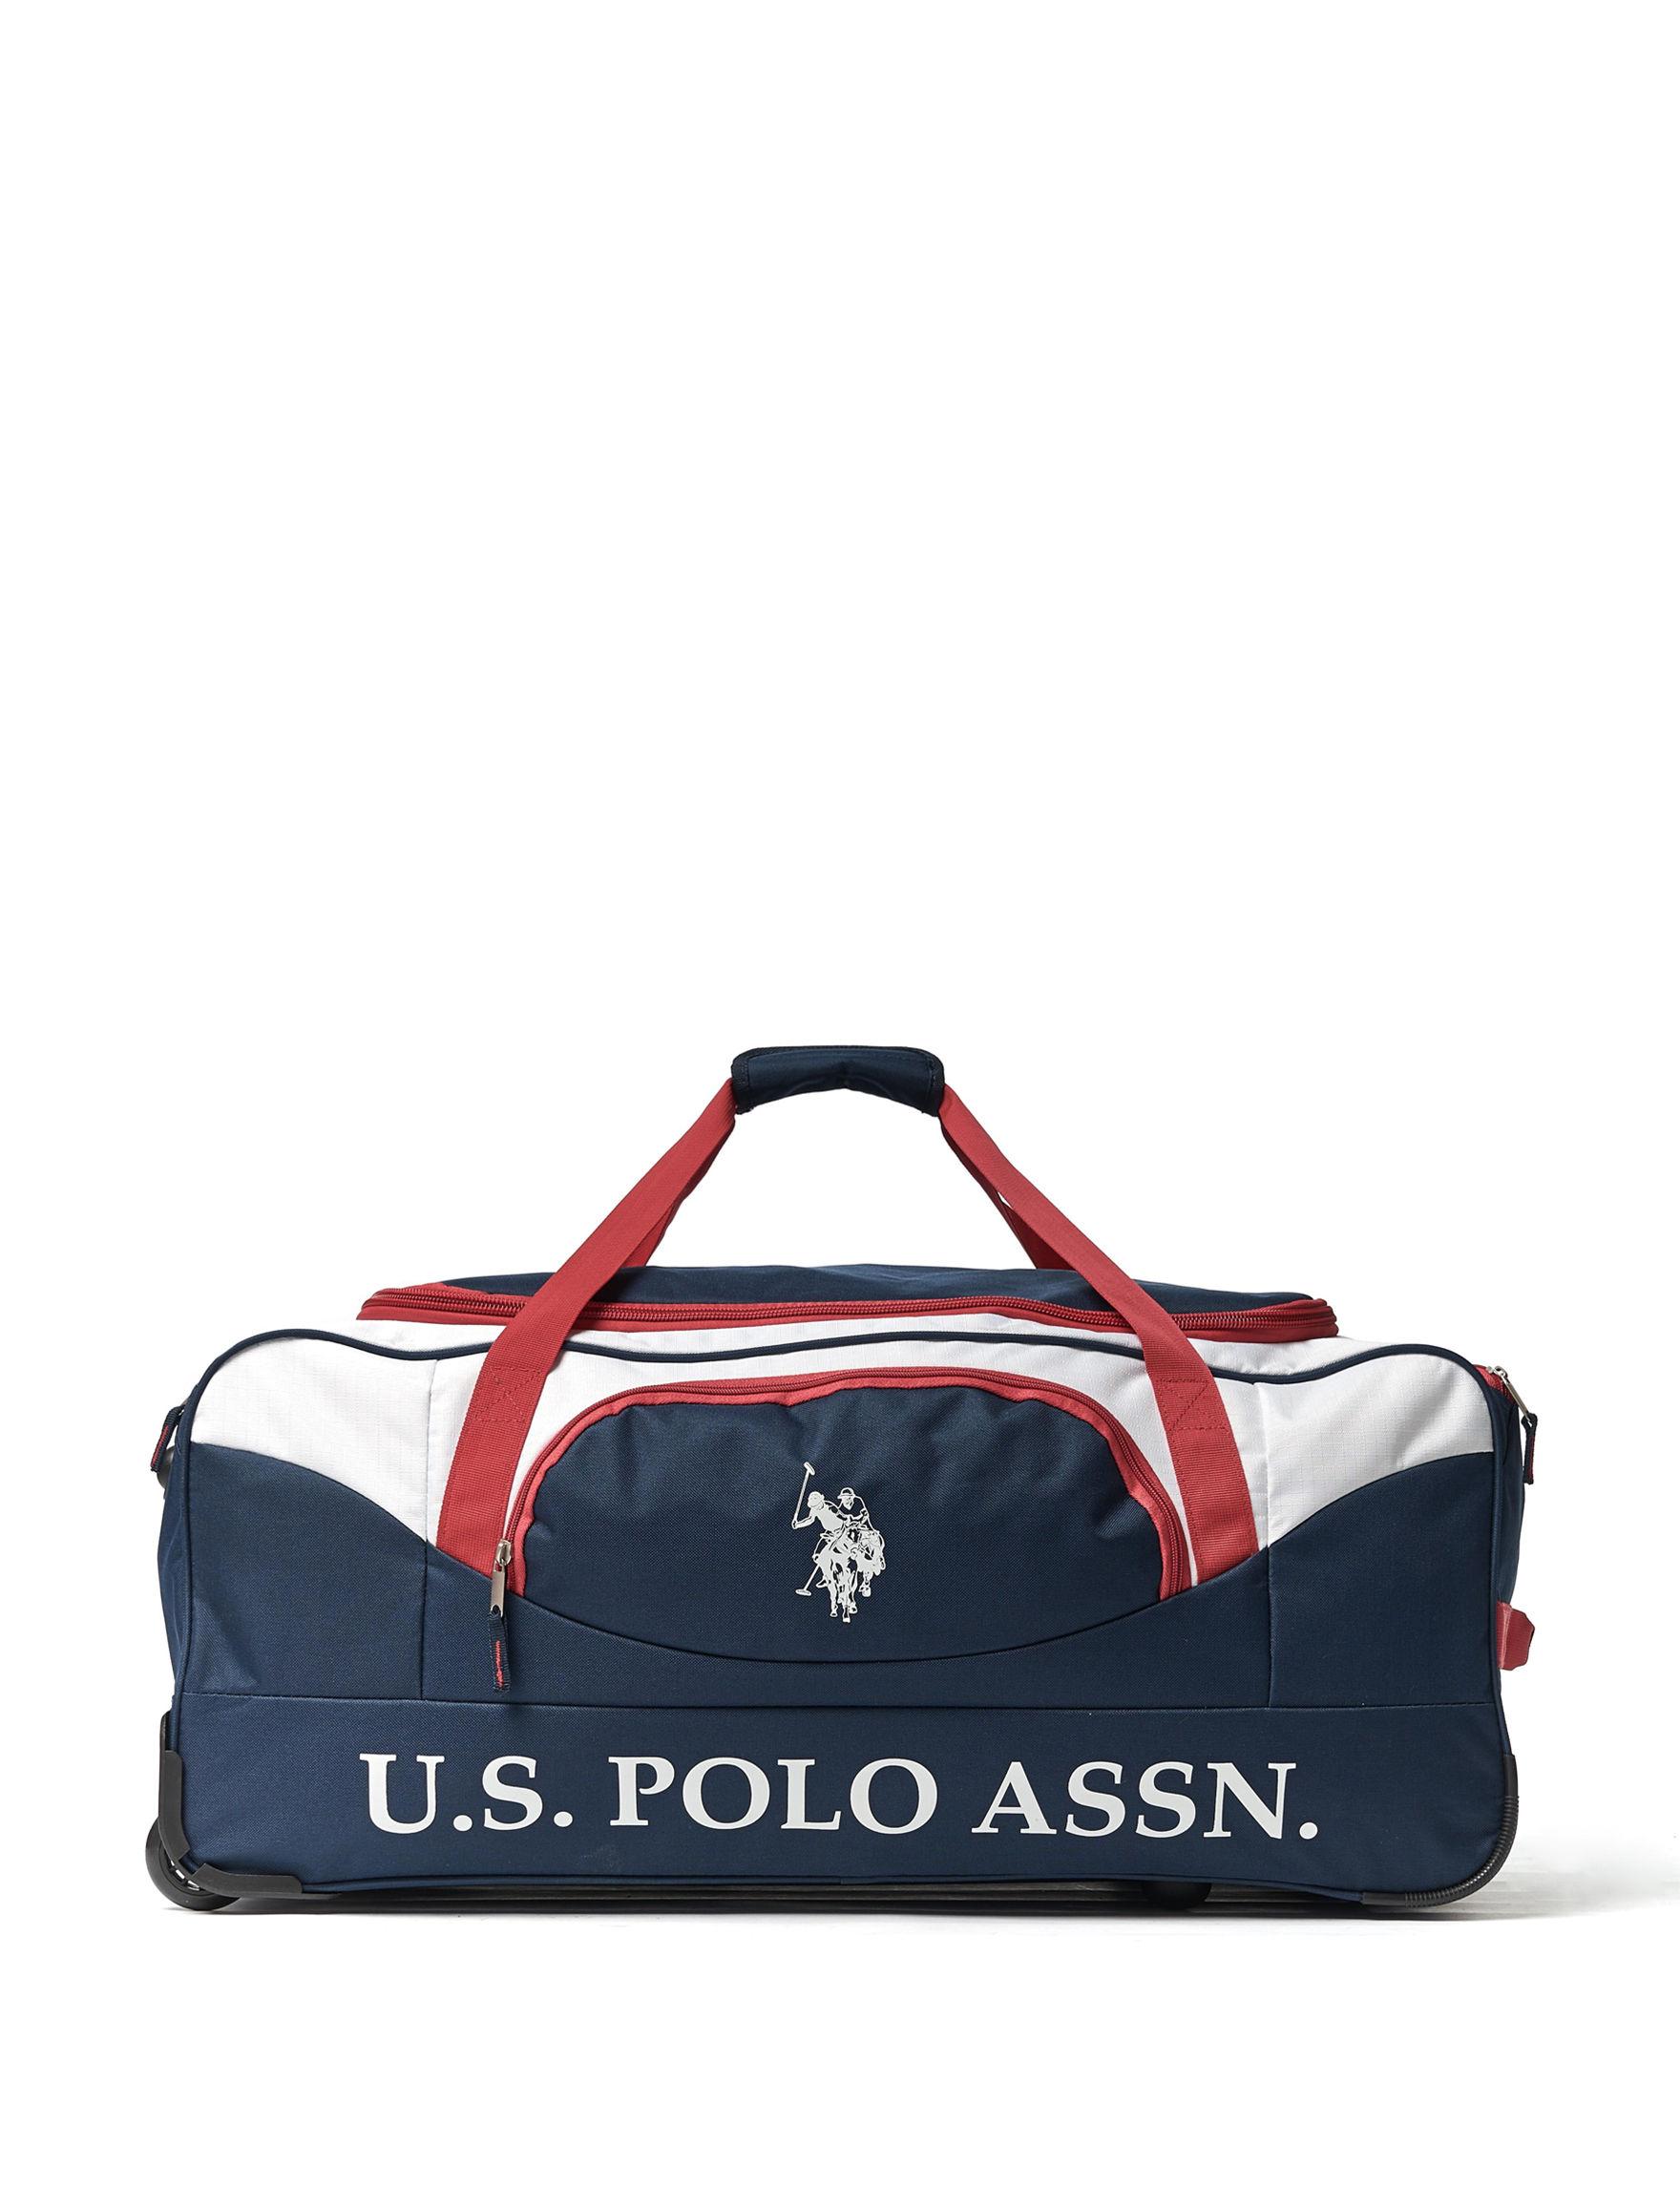 U.S. Polo Assn.  Duffle Bags